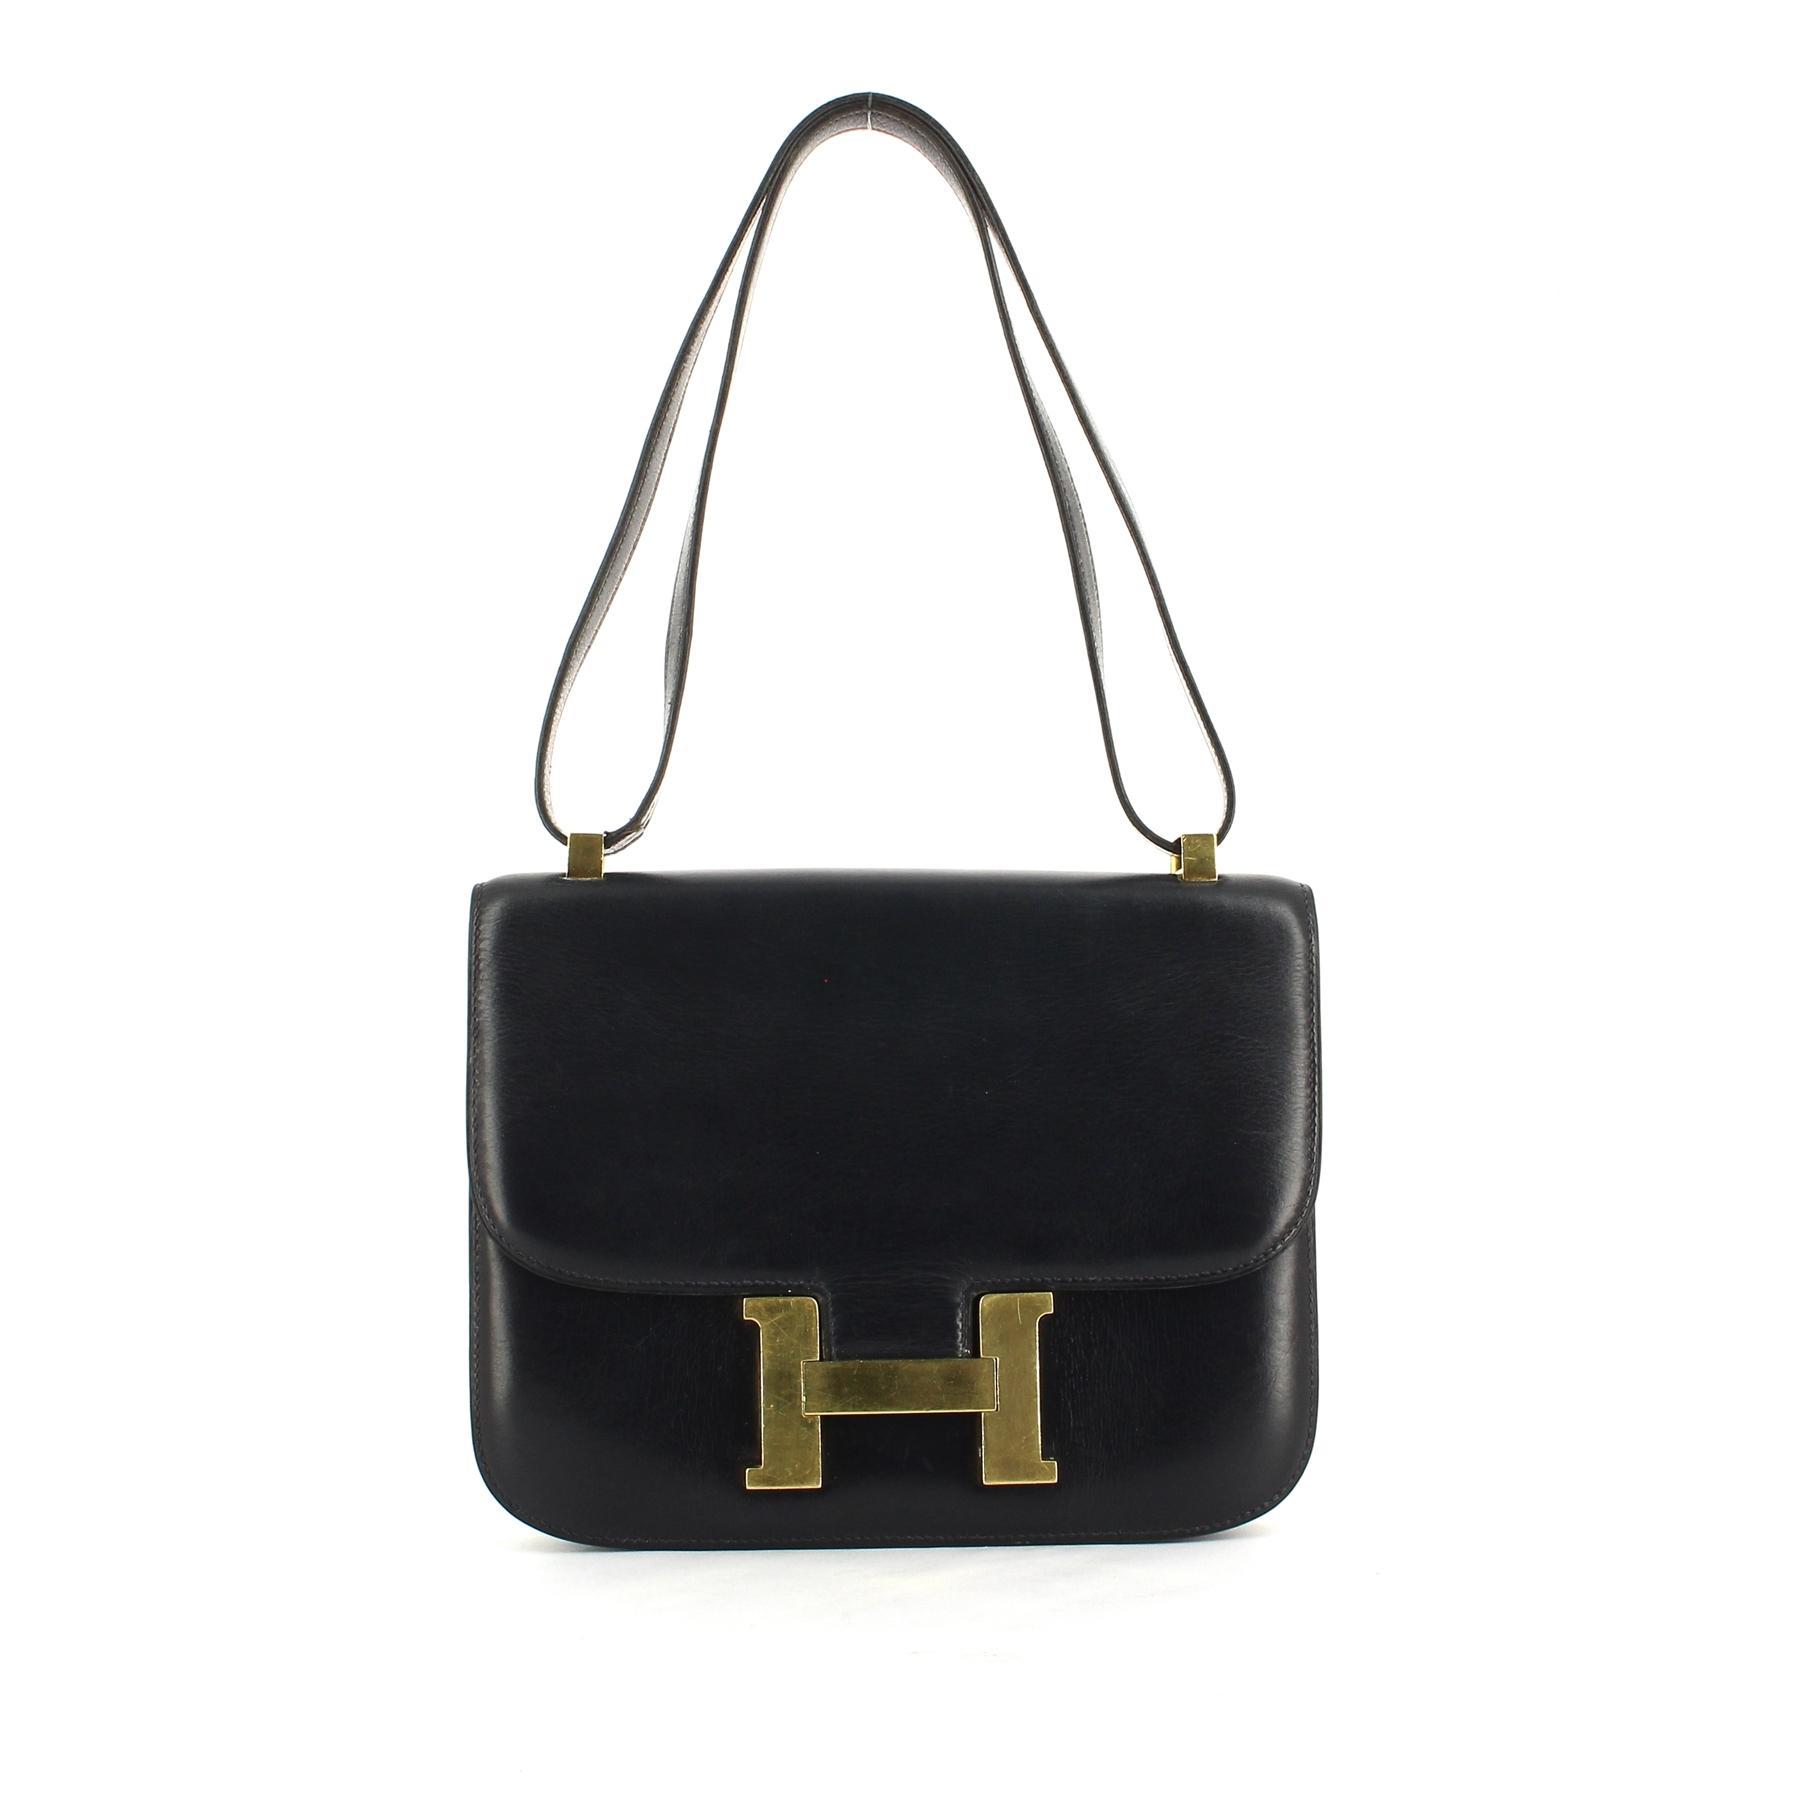 cbcae4a912 Un sac, un look : le Constance d'Hermès, l'indispensable bandoulière ...